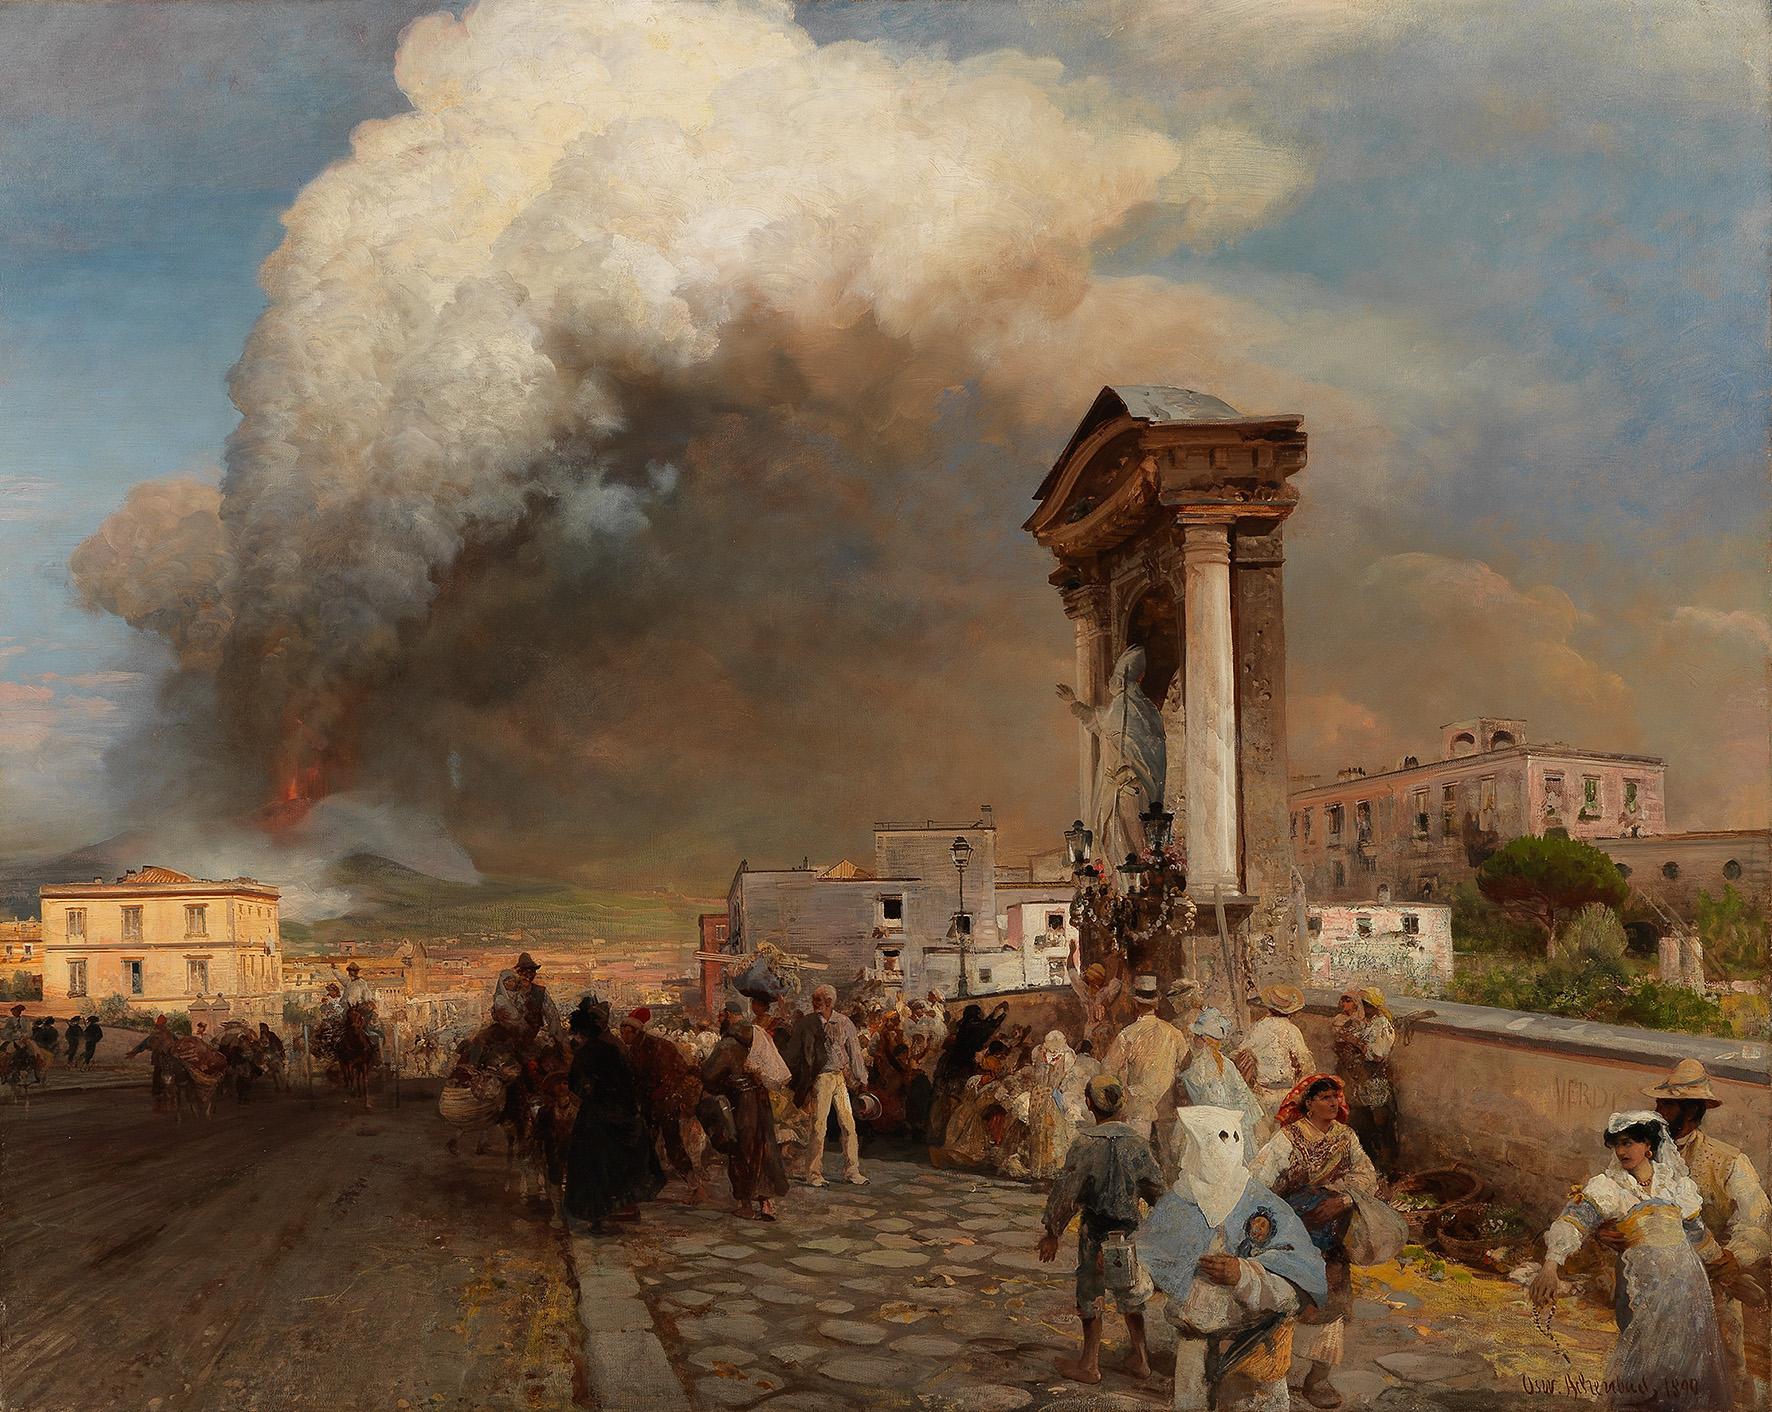 OSWALD ACHENBACH (1827 Düsseldorf 1905) - Der Ausbruch des Vesuvs, Öl/Lwd., signiert und datiert, 1890